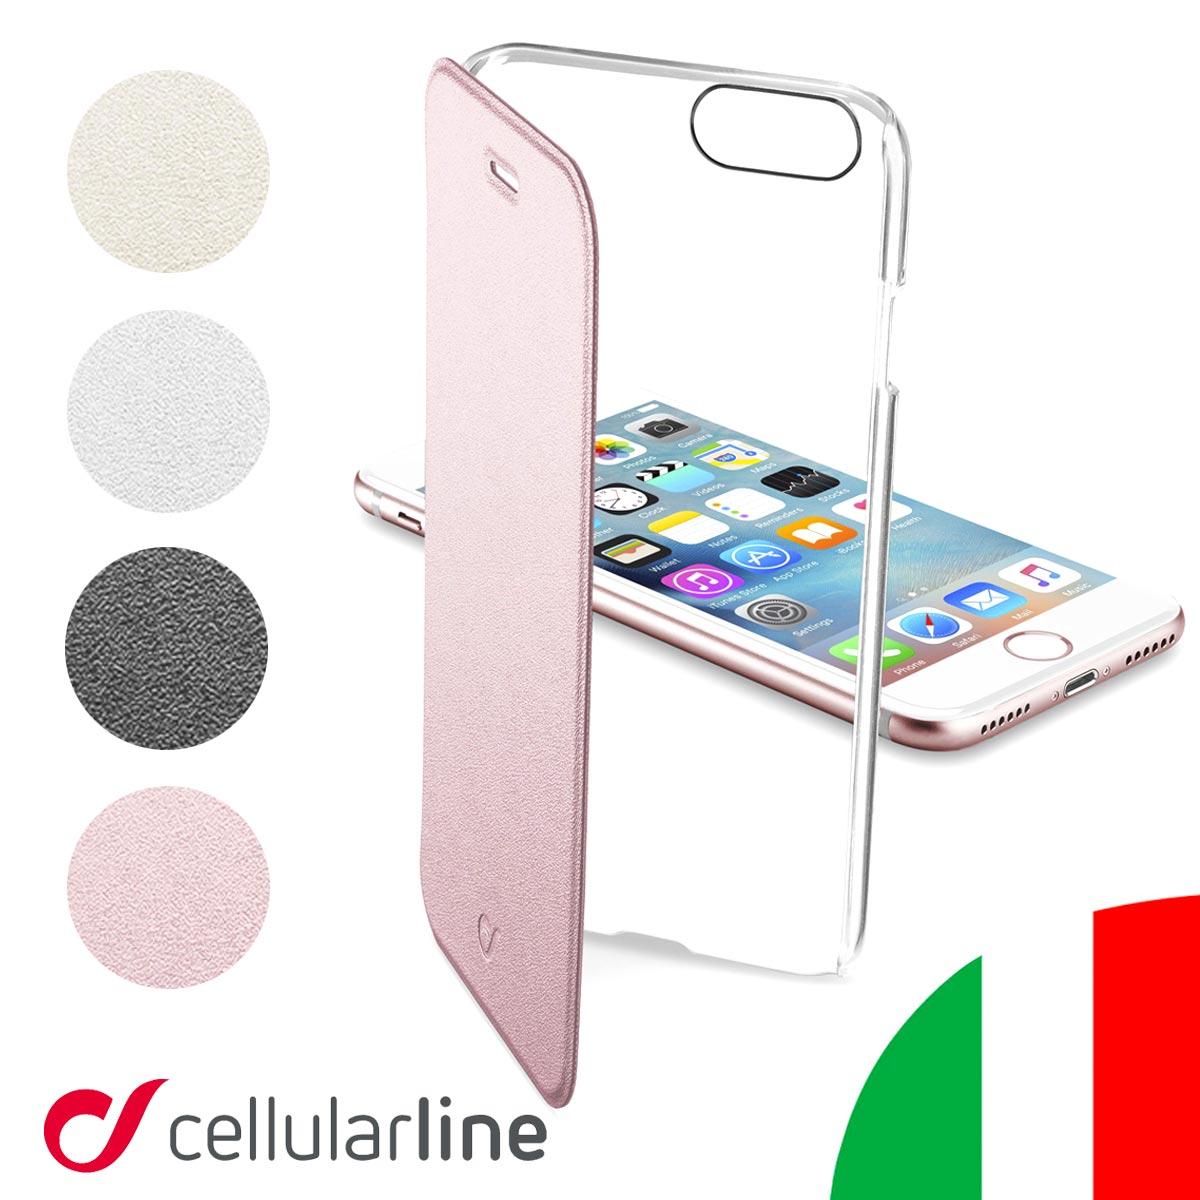 iPhone x ケース 手帳型 iPhone8 iPhone7ケース iPhonex iPhone6 iPhone7 アイフォンx アイフォン6s ブランド セルラーライン Cellularline クリア スマホケース|アイフォンxケース 透明 クリアケース アイフォン8ケース 携帯ケース 手帳 アイホン7ケース スマートフォン